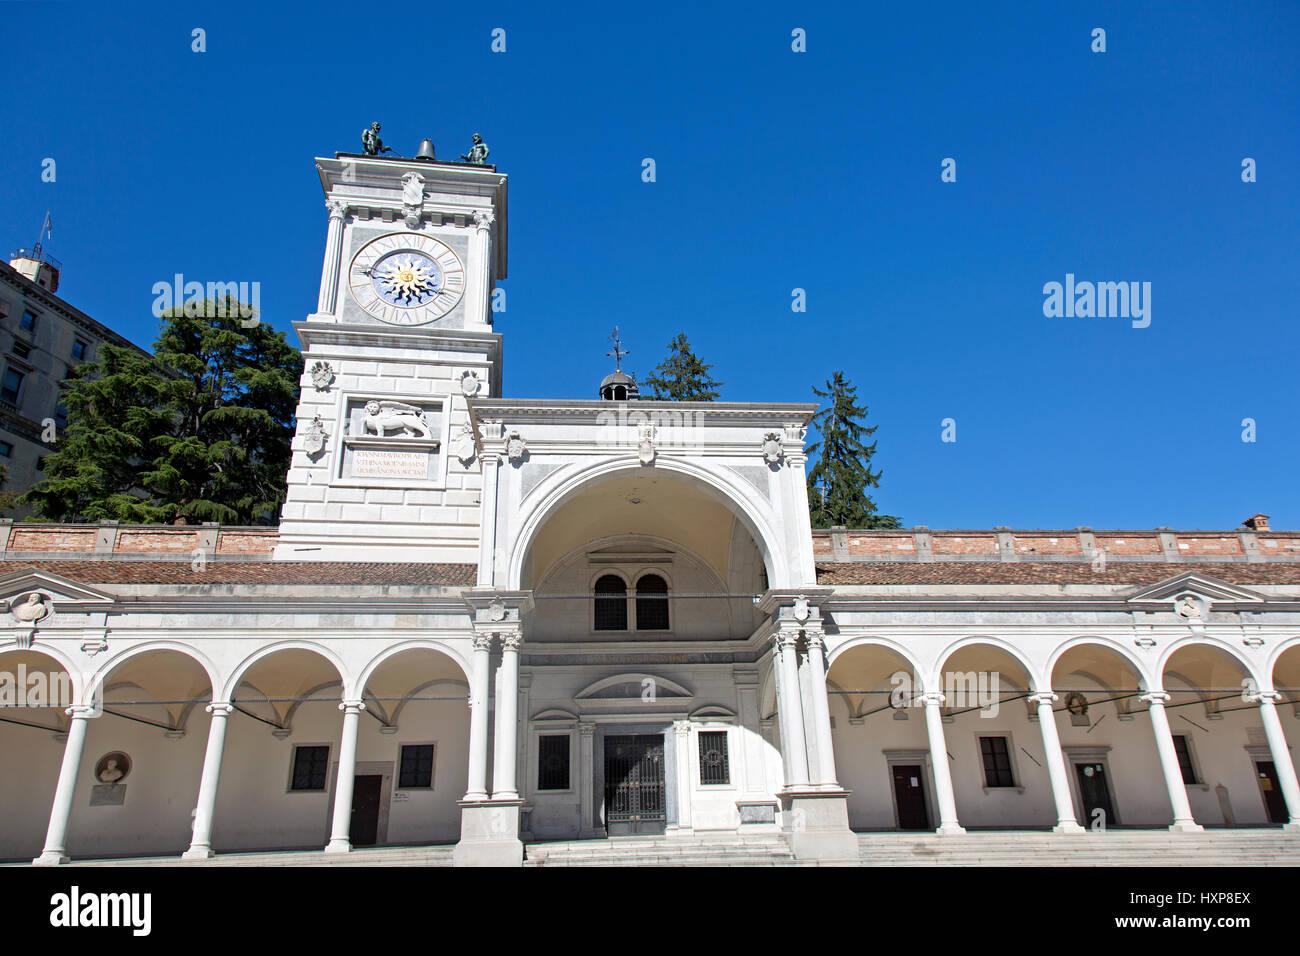 Udine, Piazza della Libertà and the Loggia di San Giovanni clock tower - Stock Image